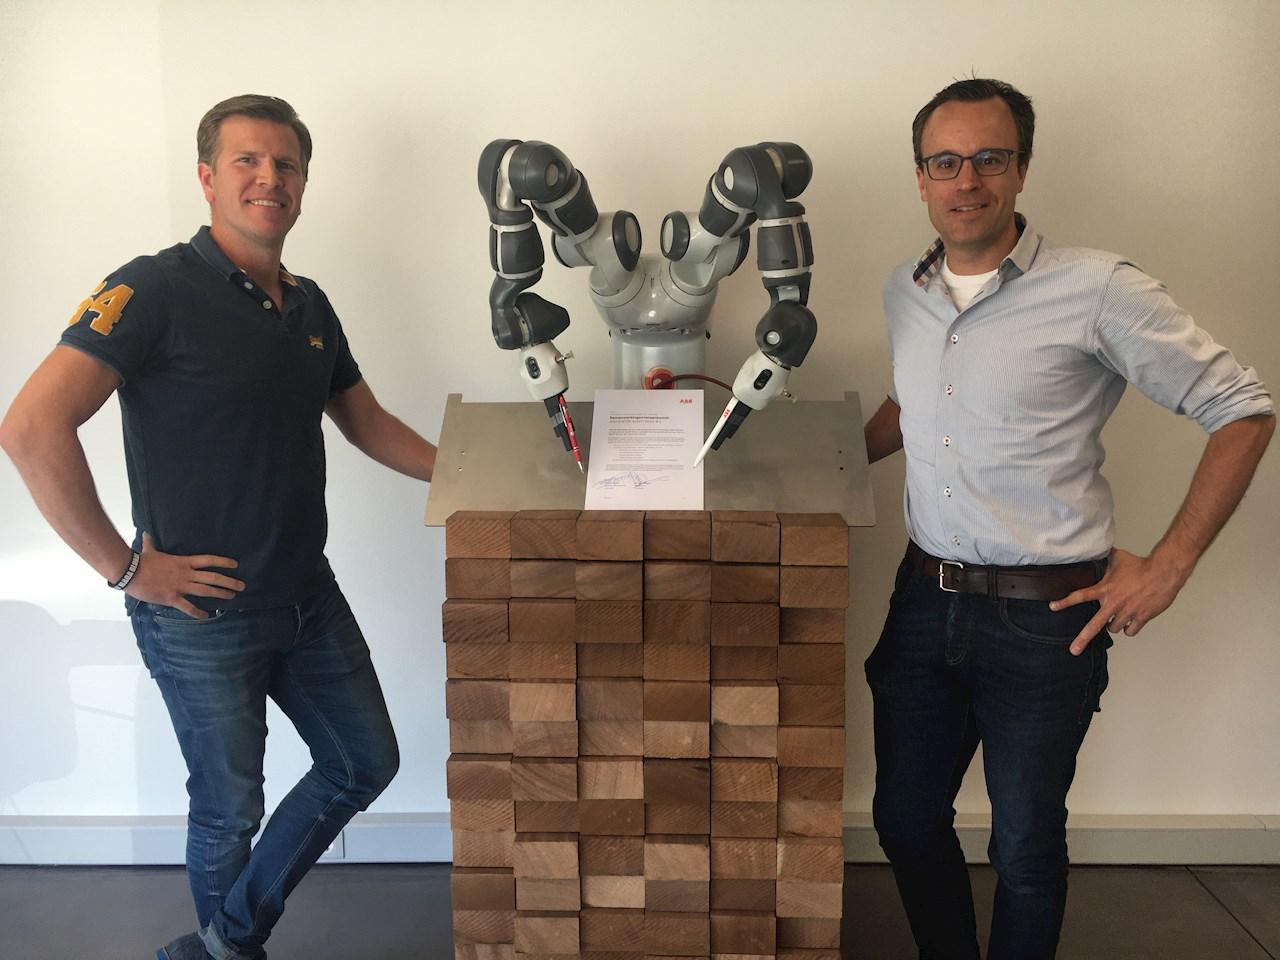 A gauche : Martijn Dubbelman - Ingénieur commercial ABB Robotics, à droite : Maarten Hoogwout - Directeur général WWA